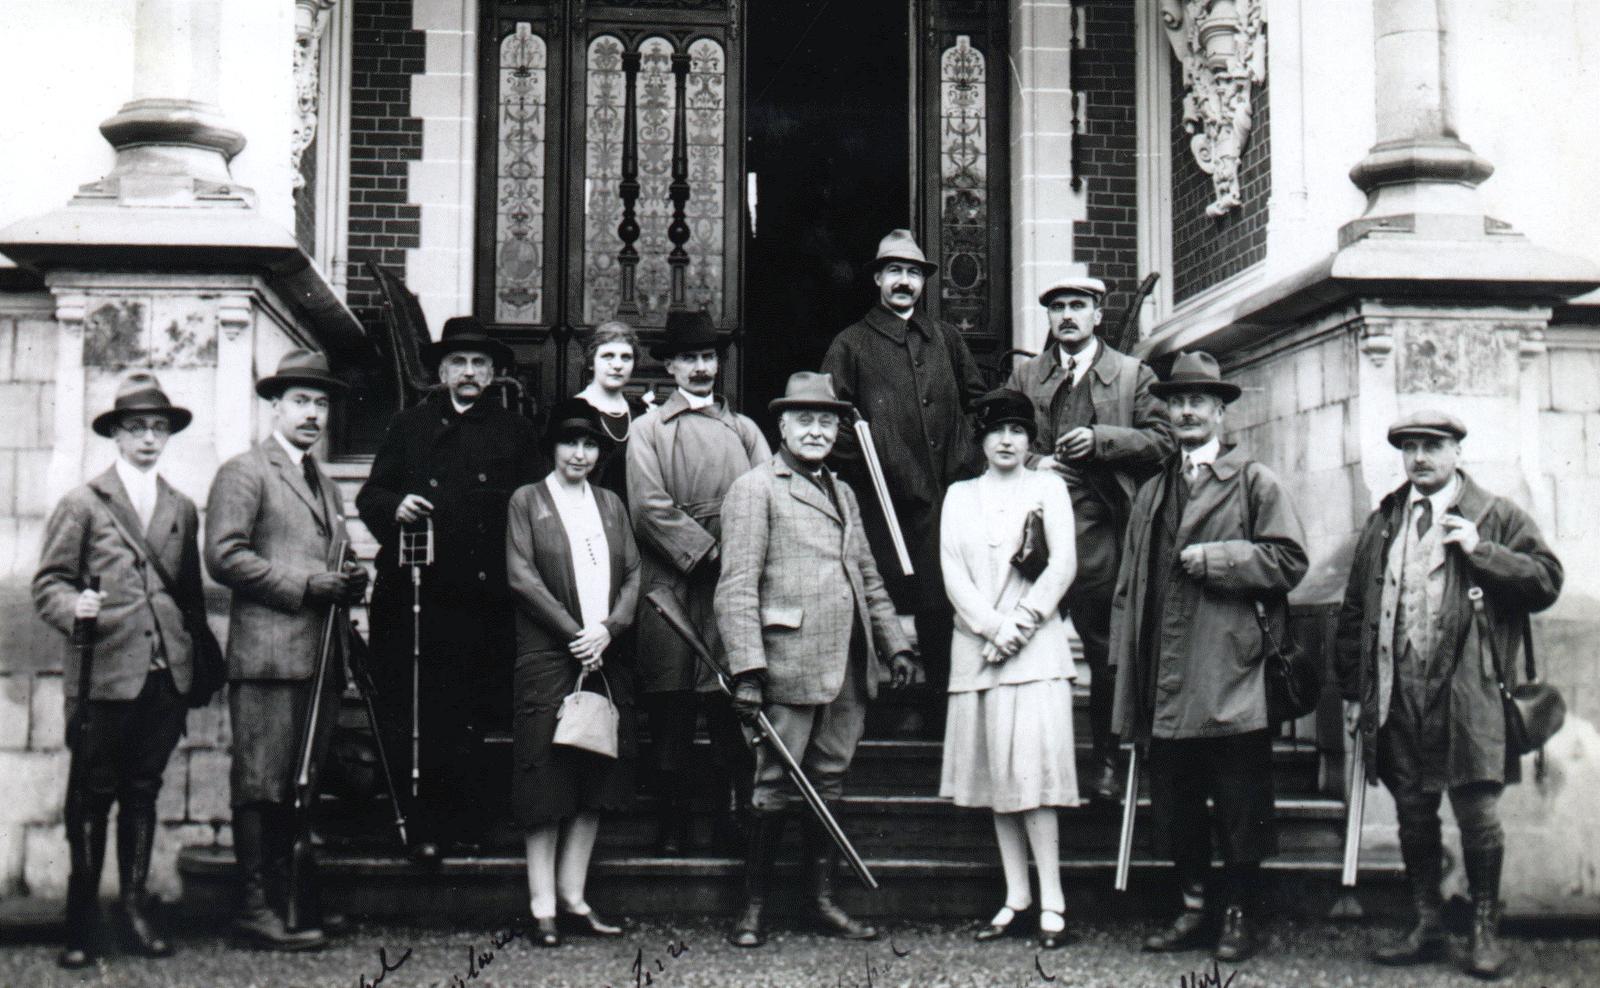 Prouvost-chasse-bondues-decembre-1928